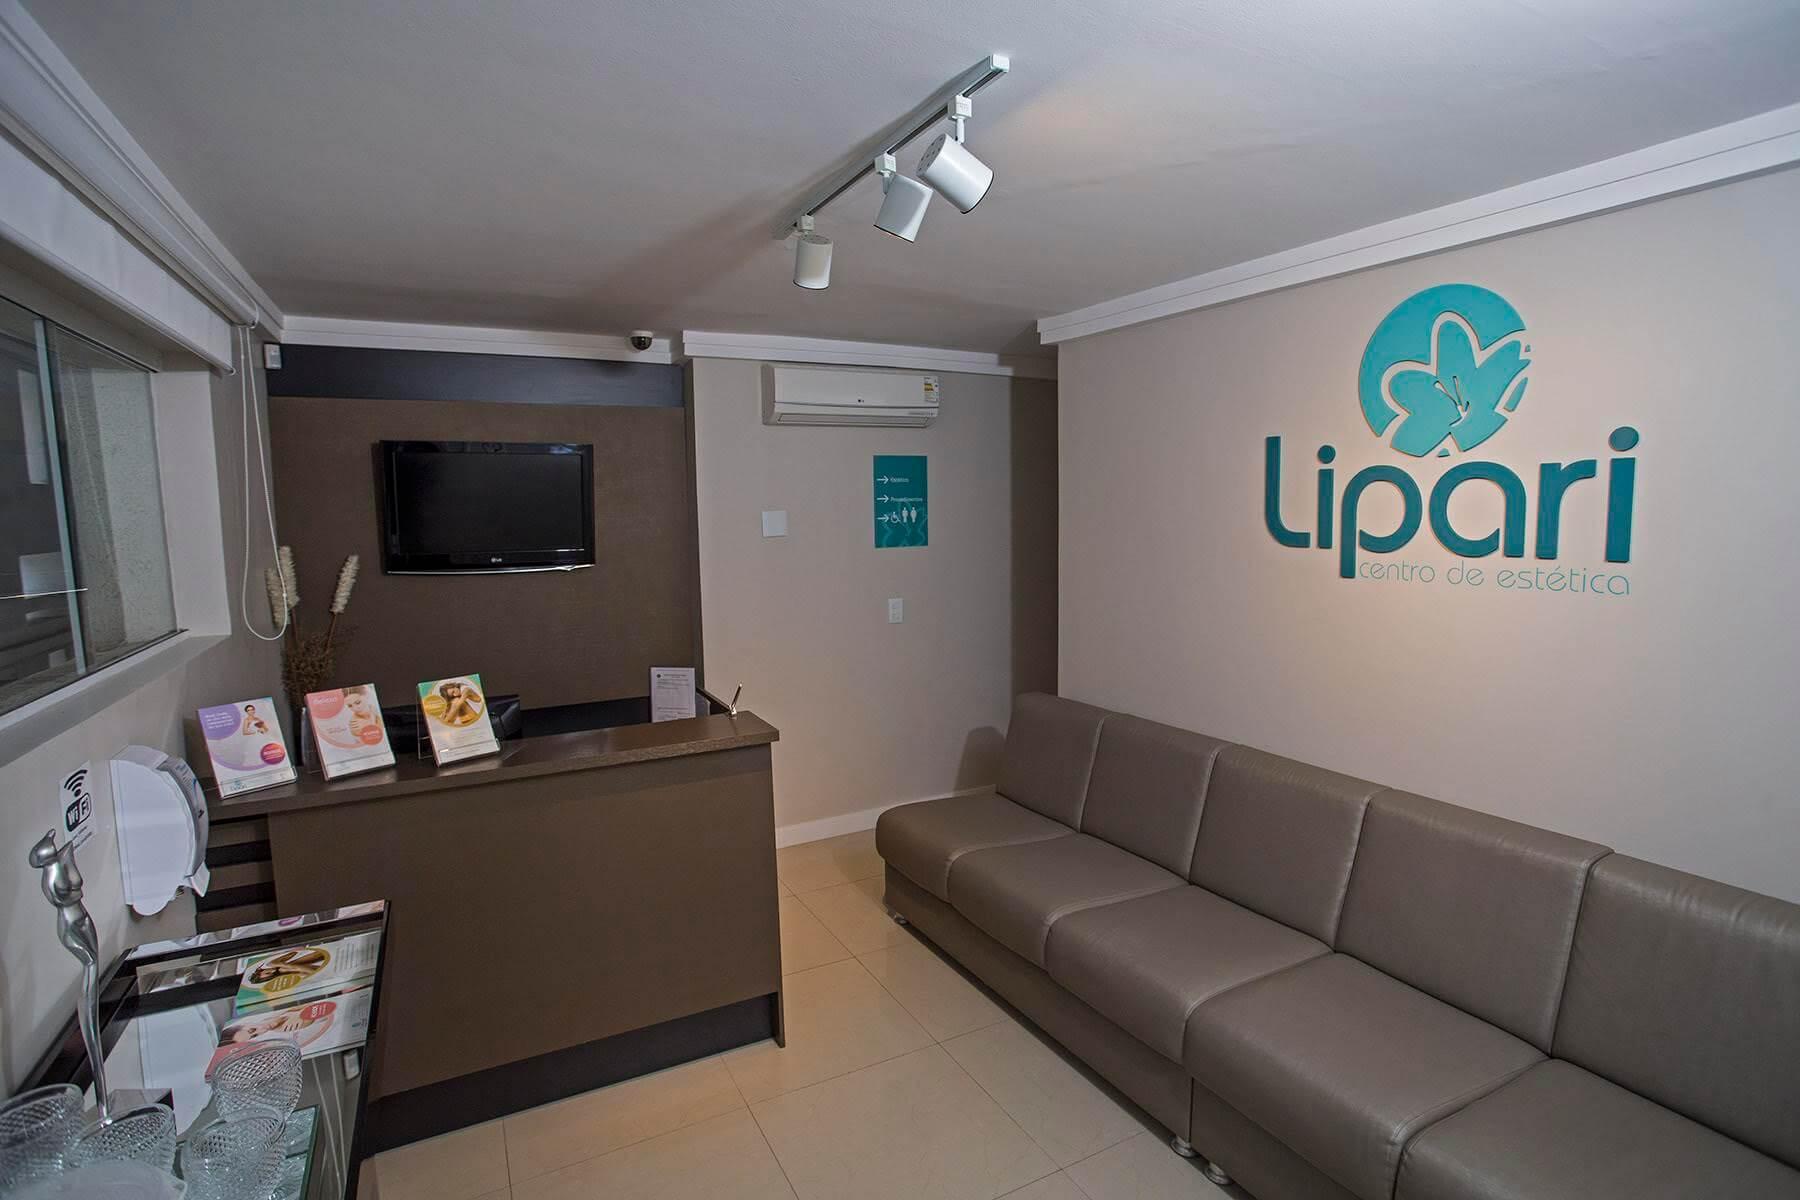 clinica-lipari-16